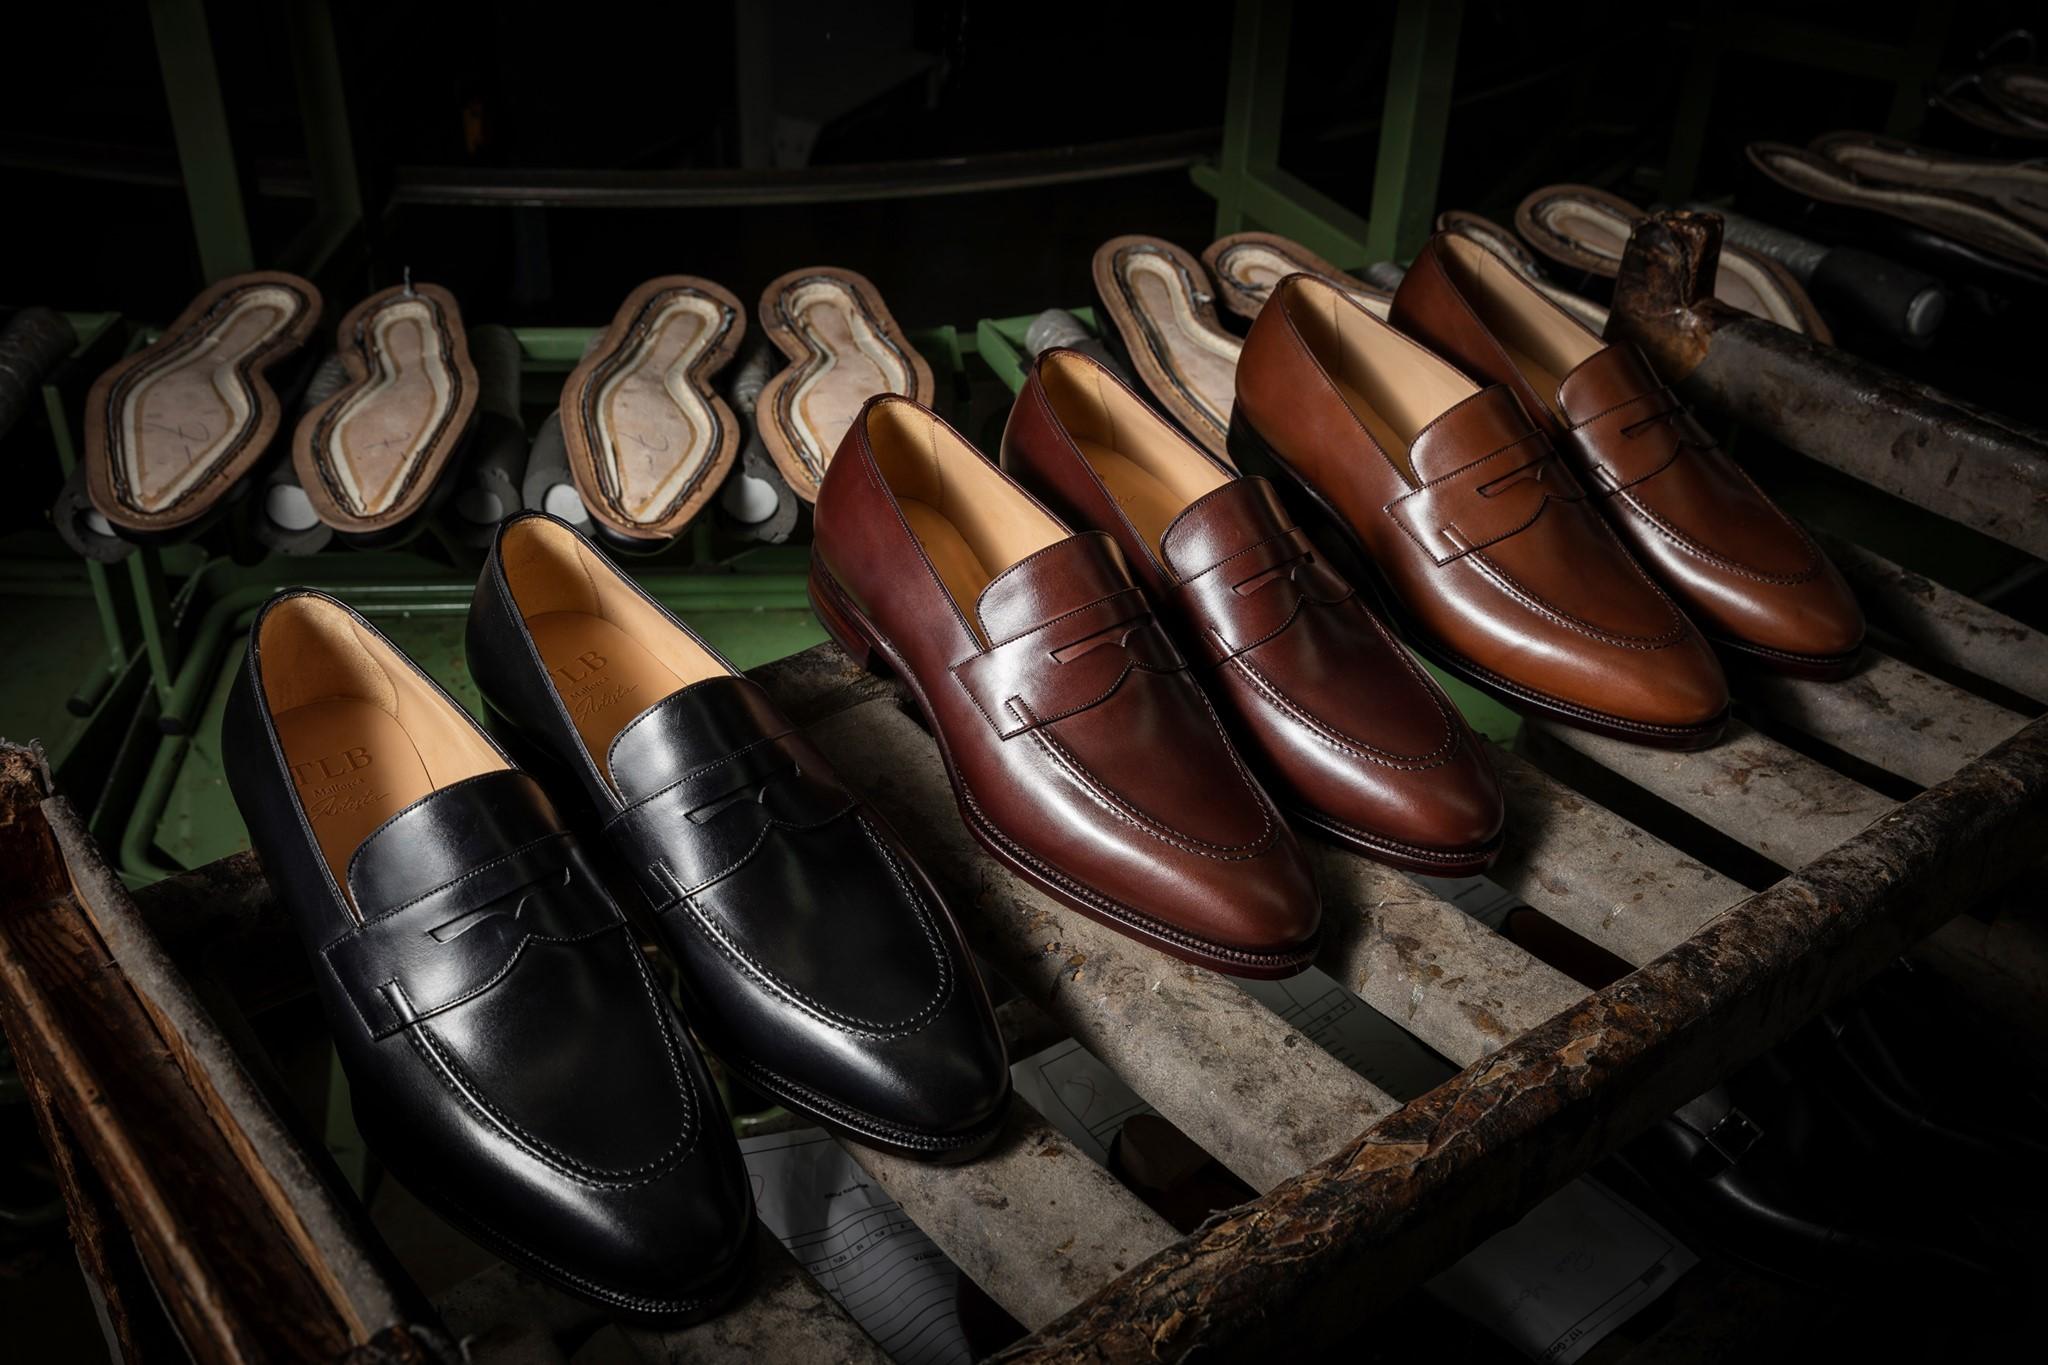 Buty mokasyny męskie luksusowe czarne i brązowe